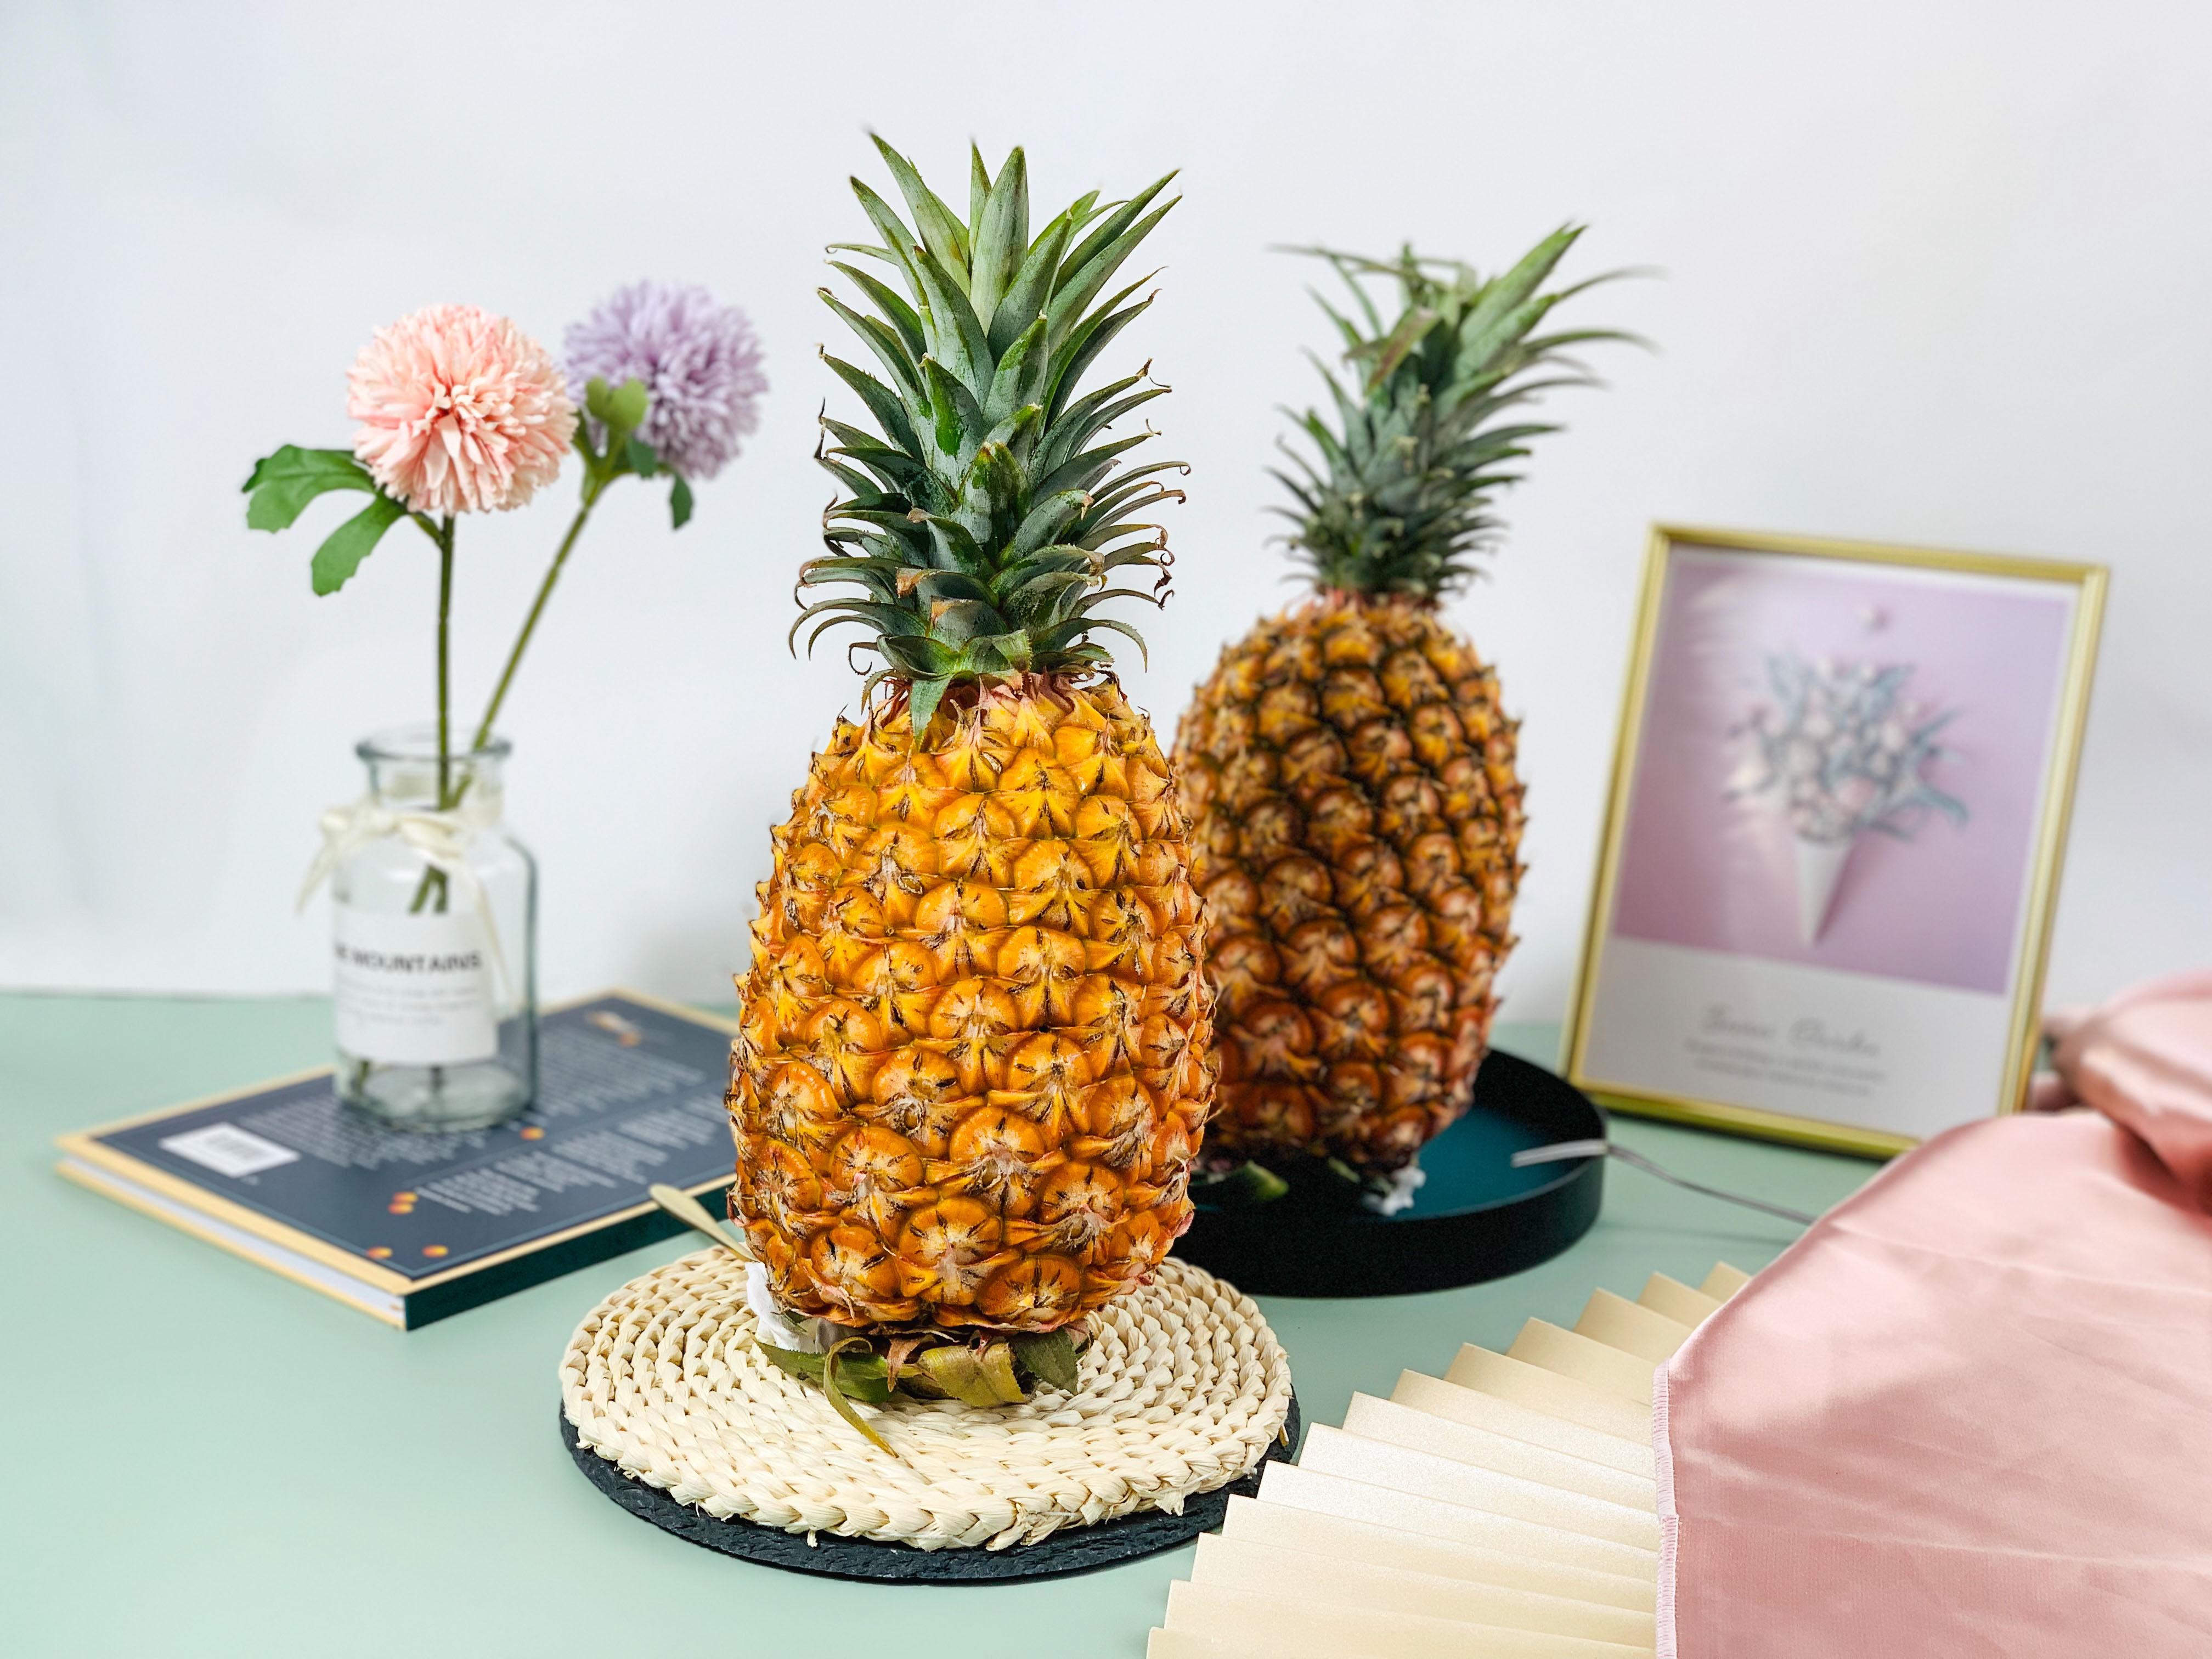 唤醒味蕾的水果大变身,美味让你吃不停!